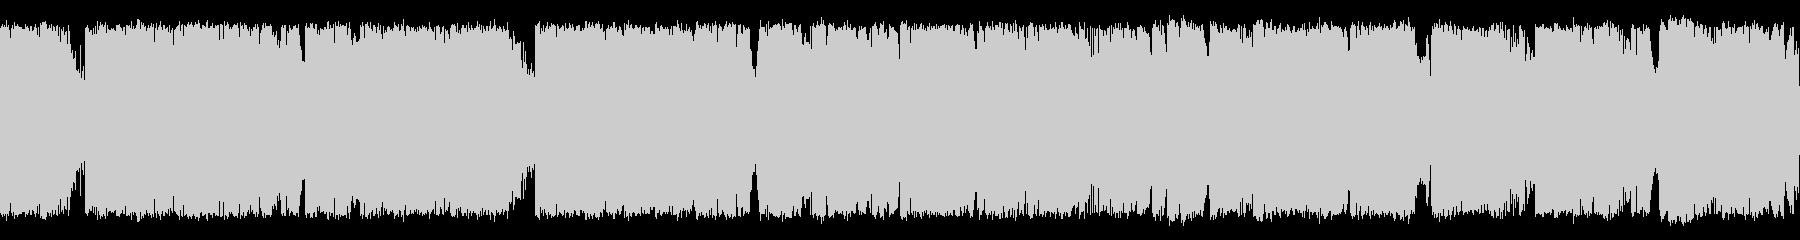 ソフト、メロディック、イージージャ...の未再生の波形